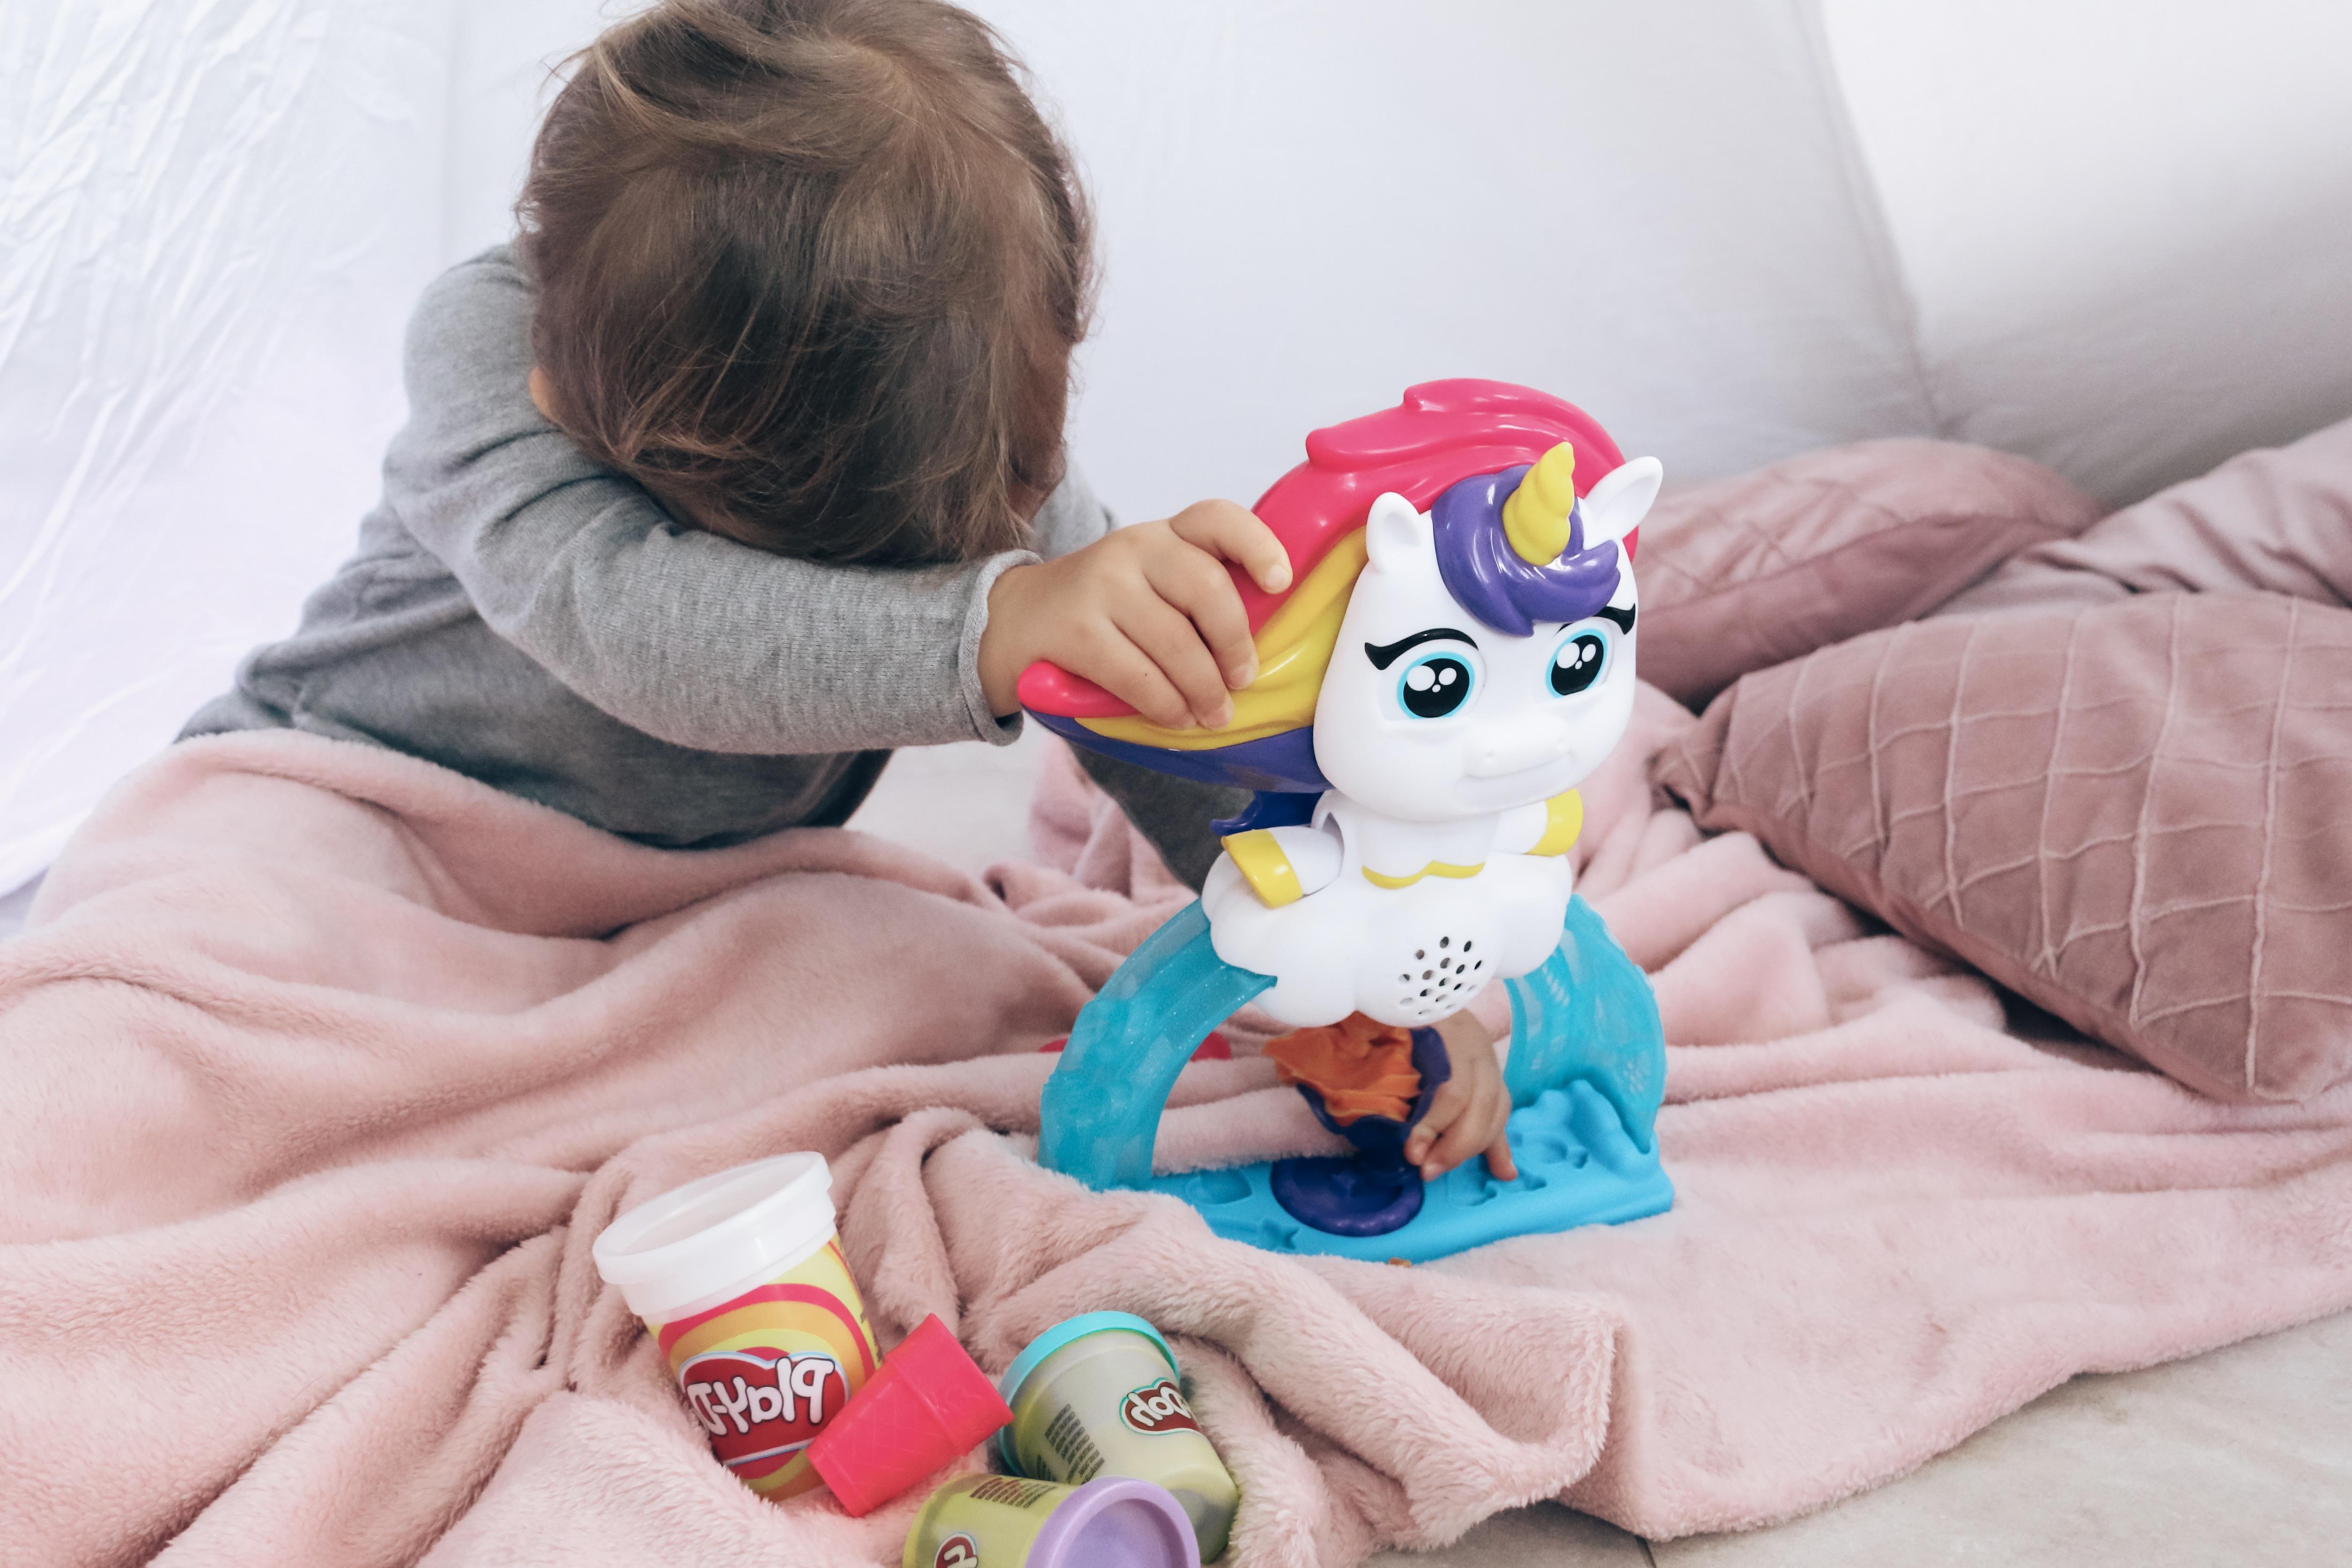 De Drollendraaiende IJseenhoorn van Play-Doh drukken op de staart